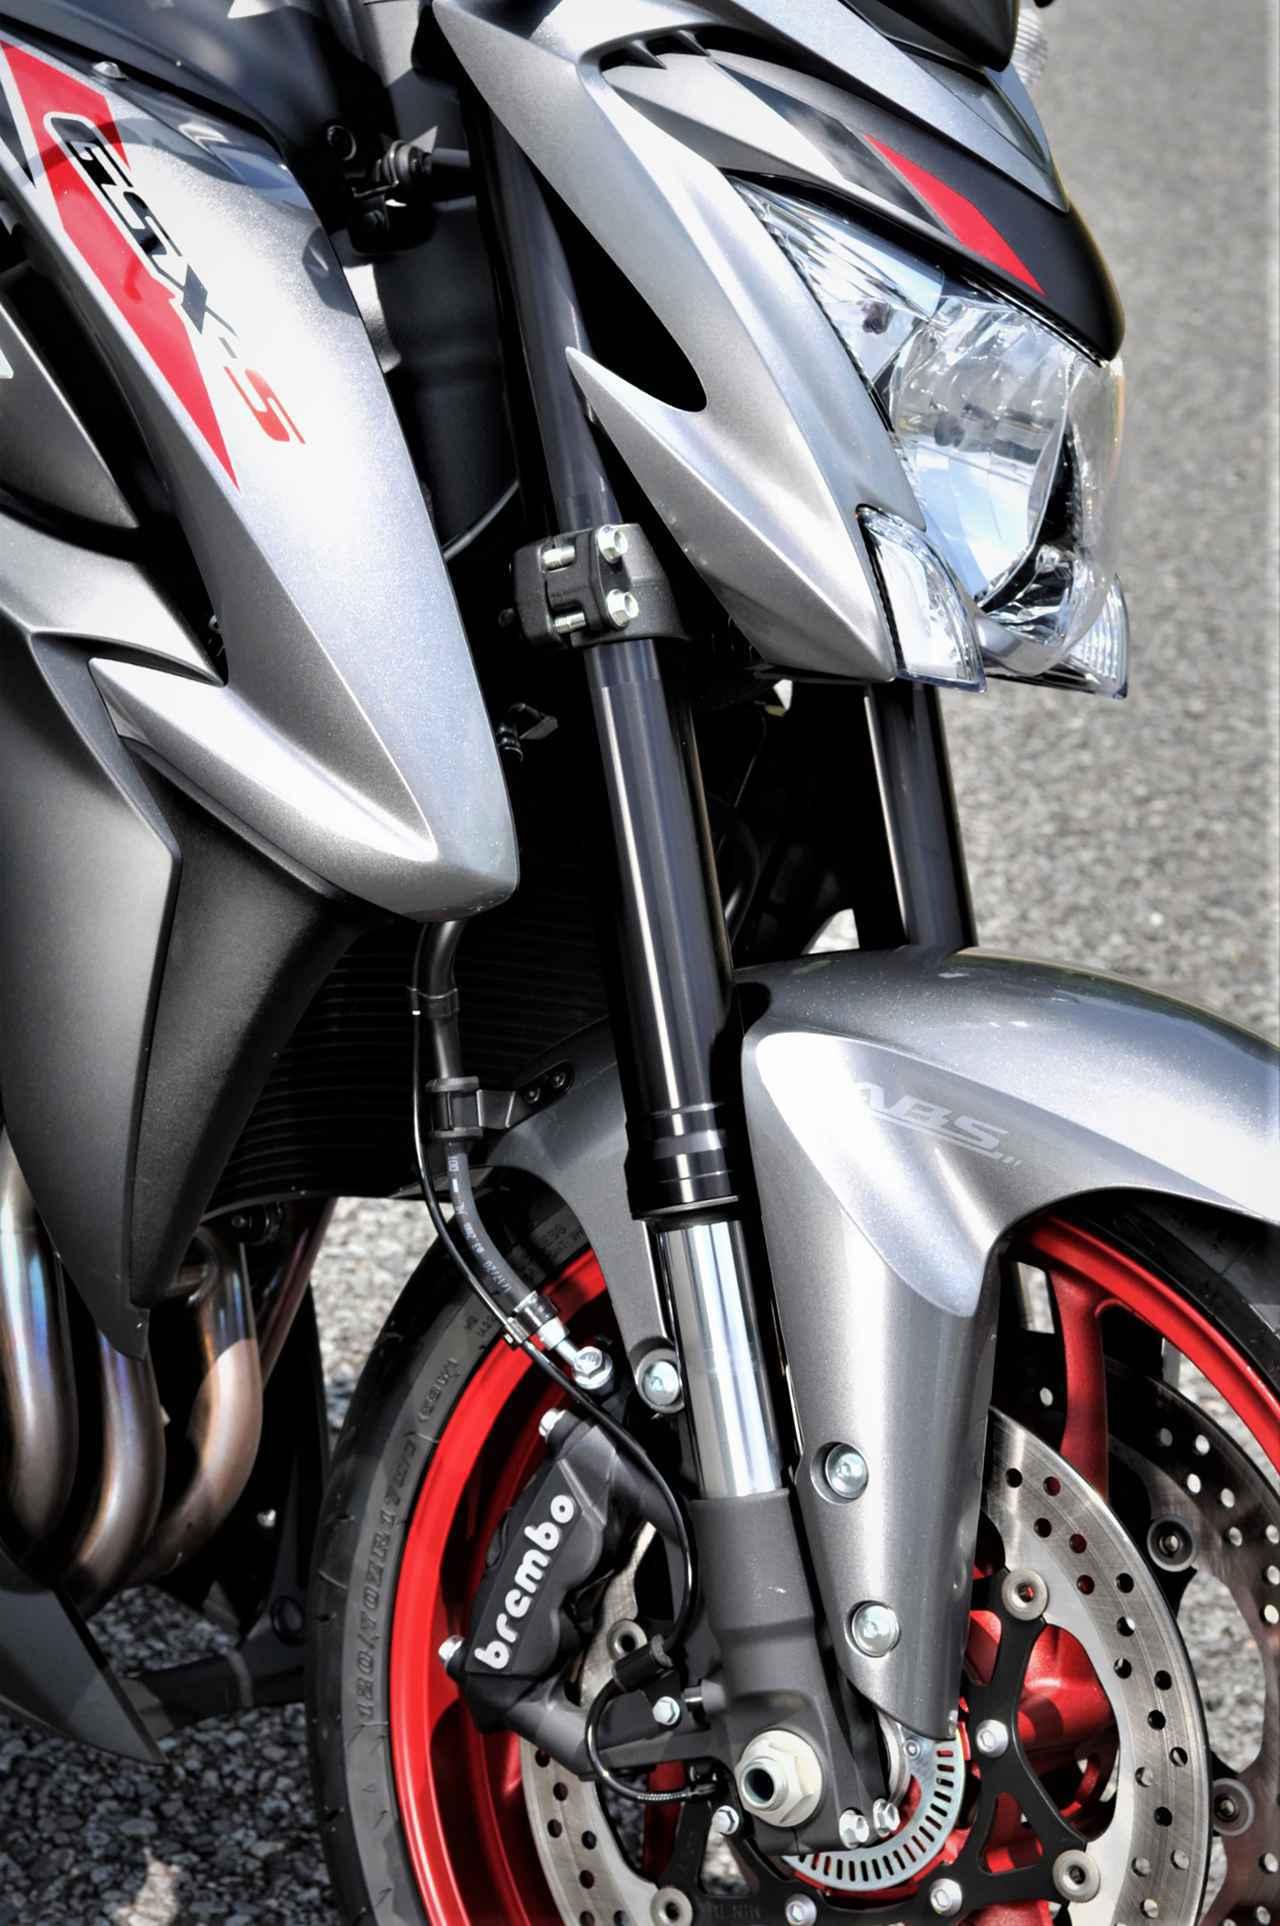 画像: 《前編》148馬力を身近にしてくれた大型バイク。スズキの『GSX-S1000』には感謝するしかない!【SUZUKI GSX-S1000/試乗インプレ①】